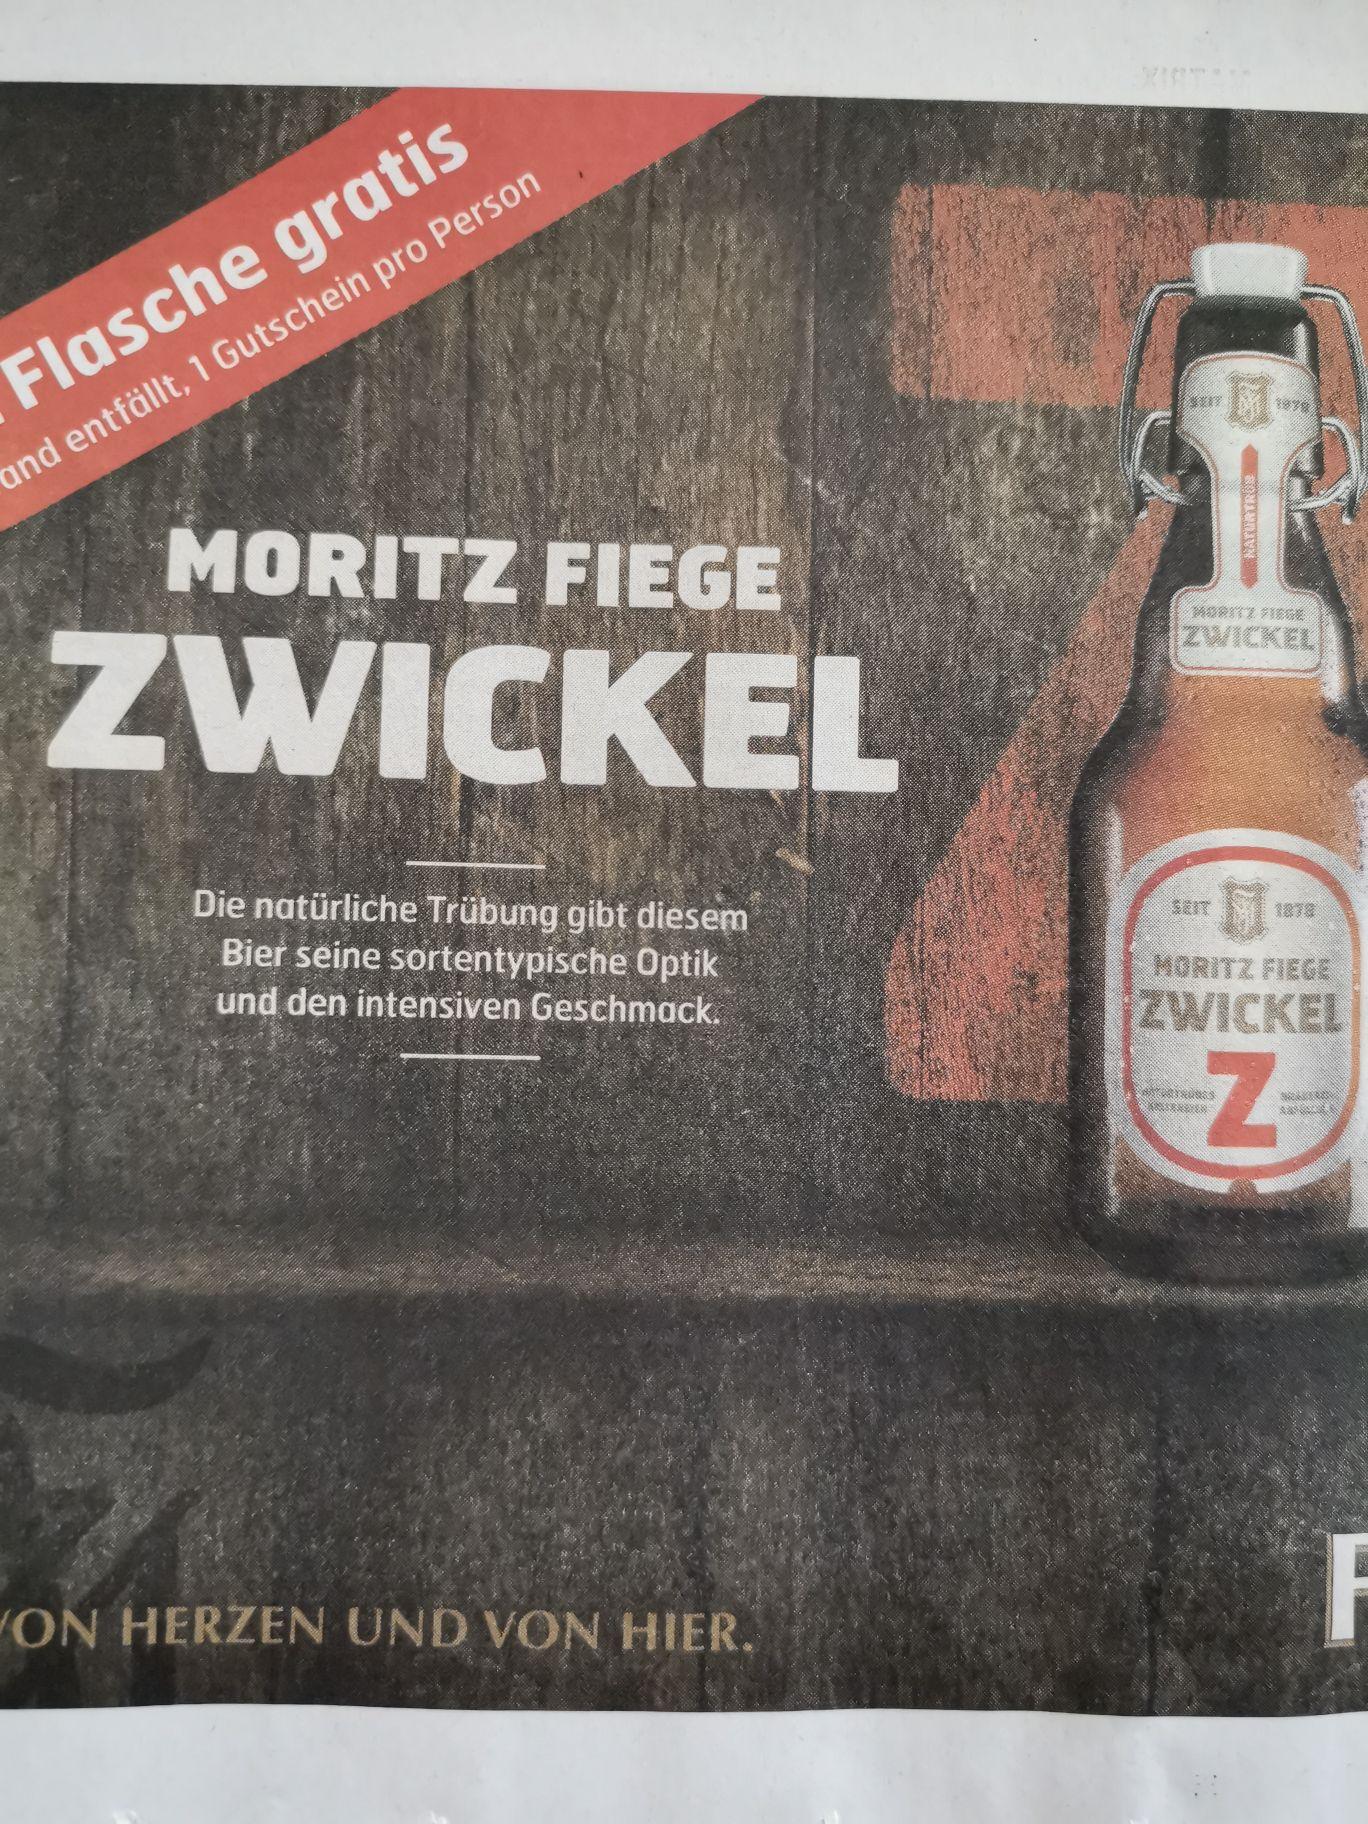 [Bochum] 1 Flasche Moritz Fiege Zwickel gratis, Pfand entfällt.